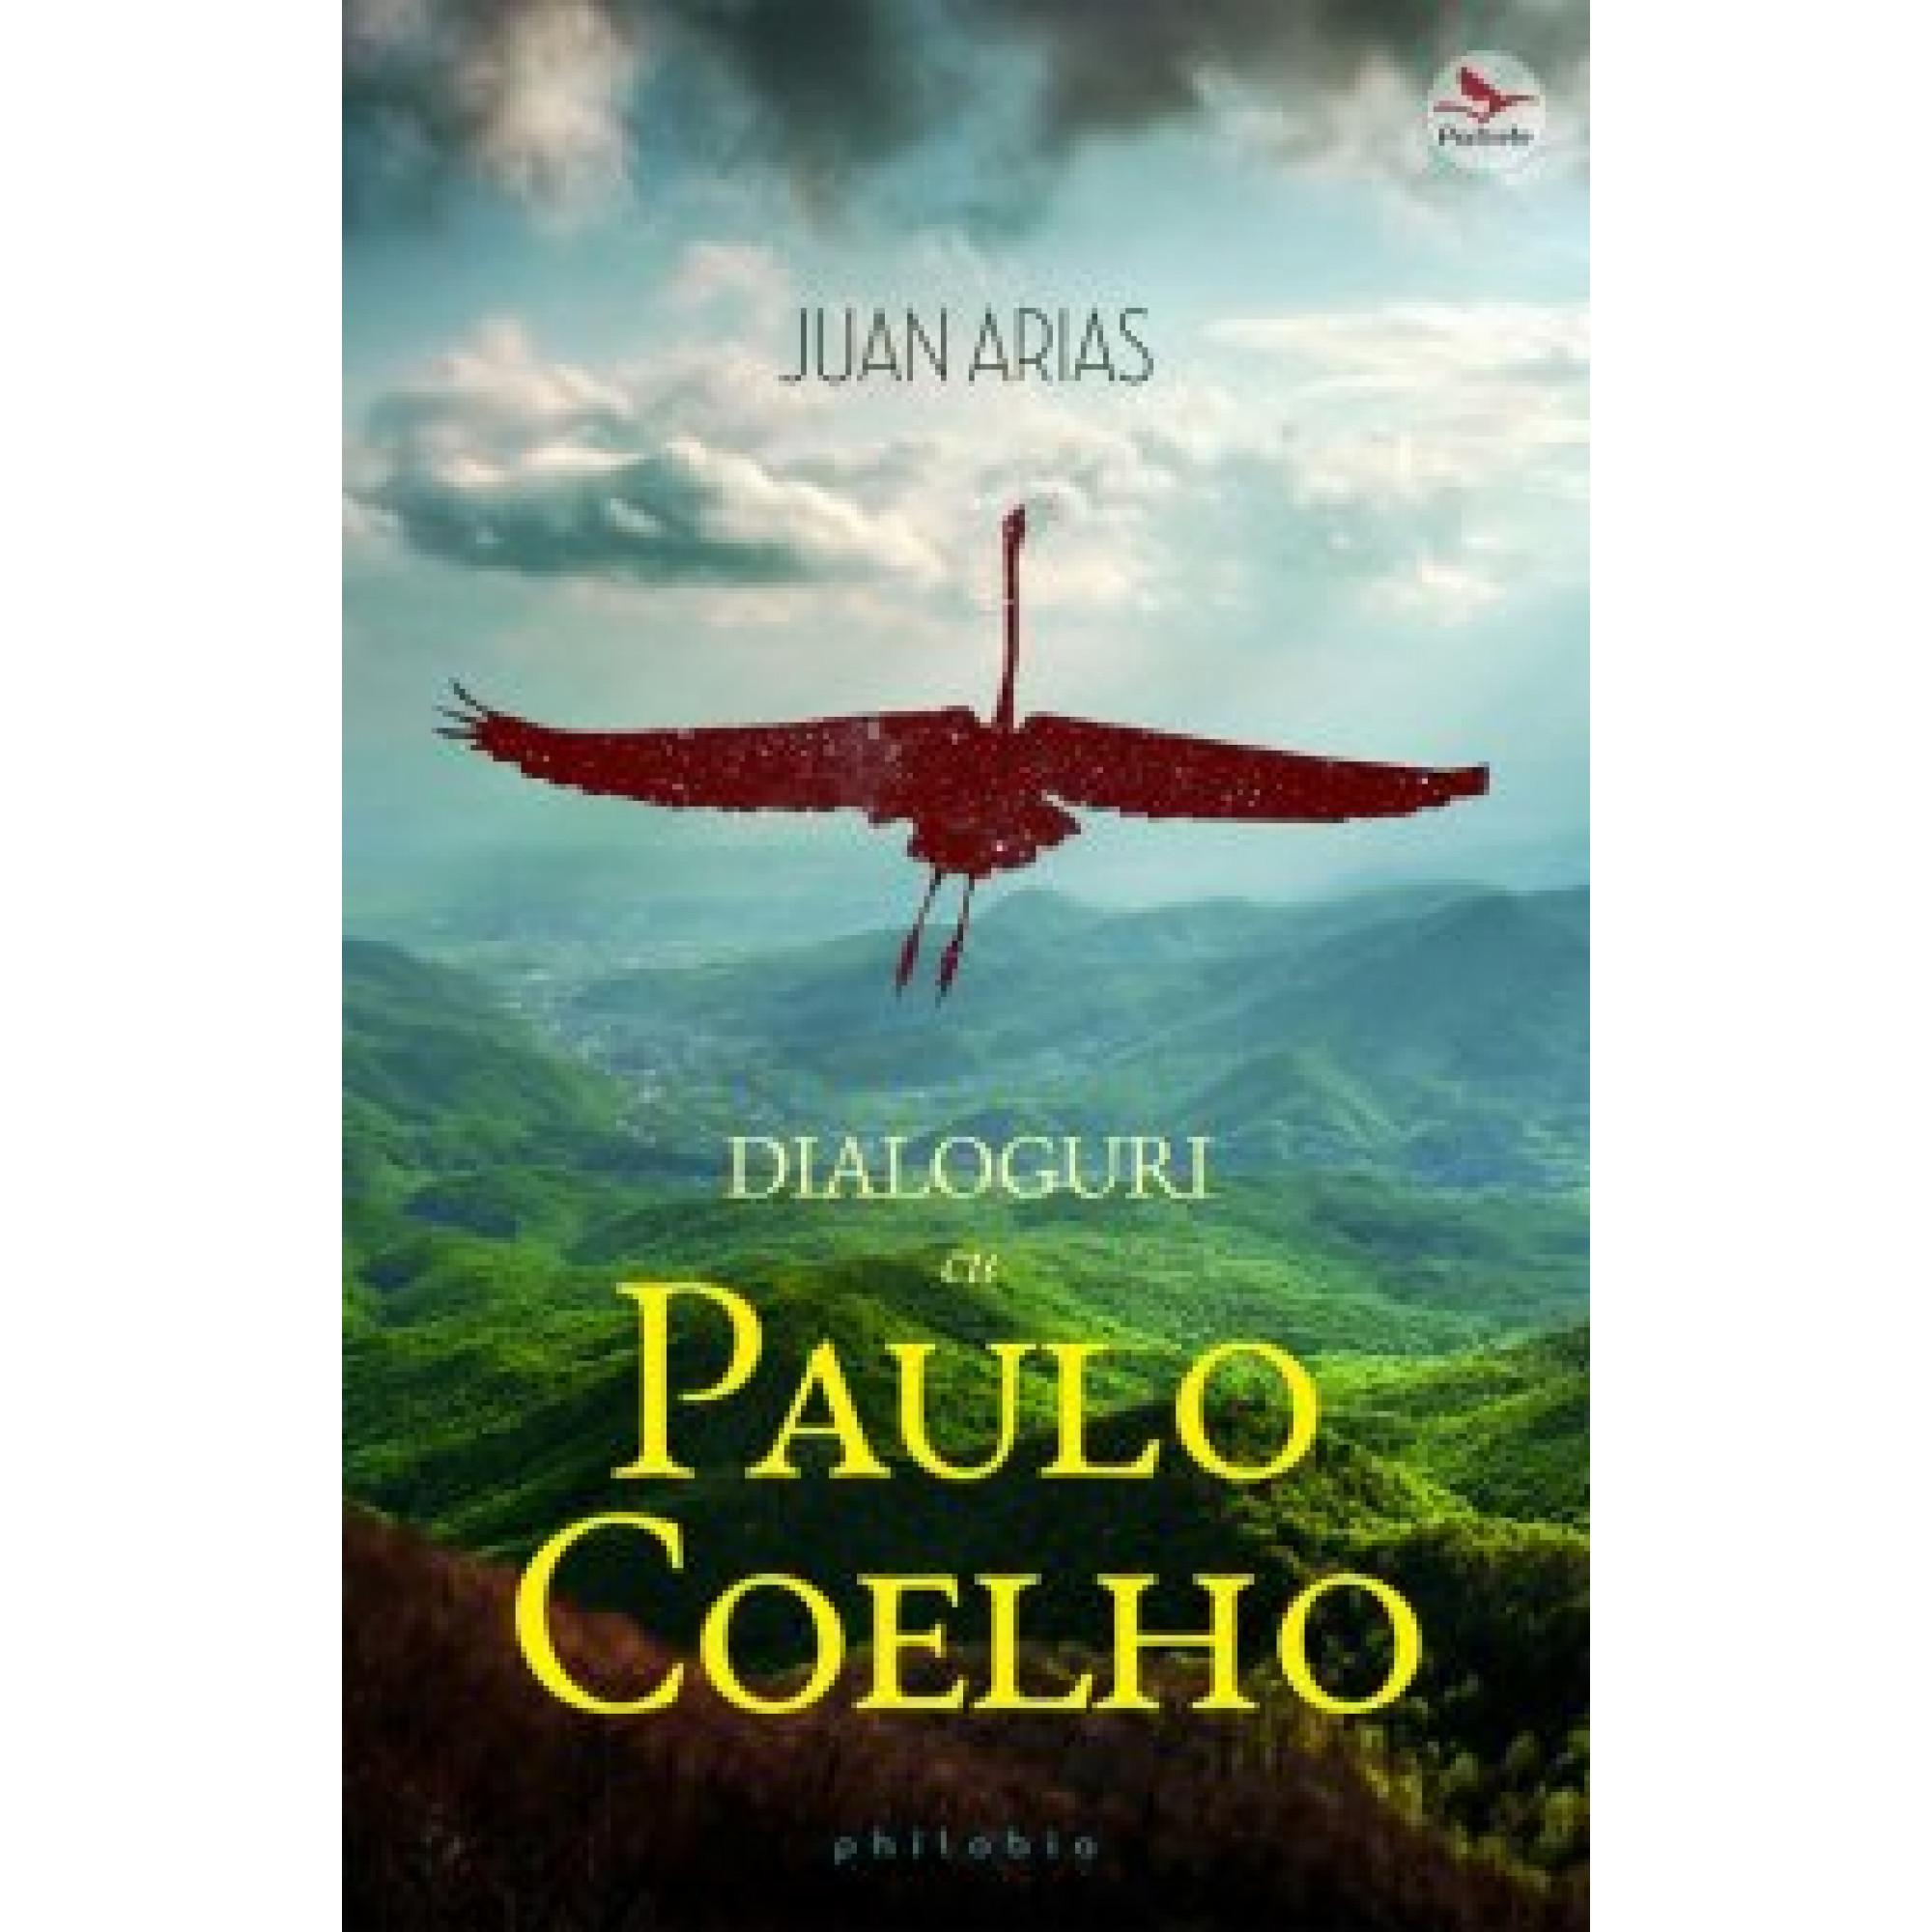 Dialoguri cu Paulo Coelho; Juan Arias